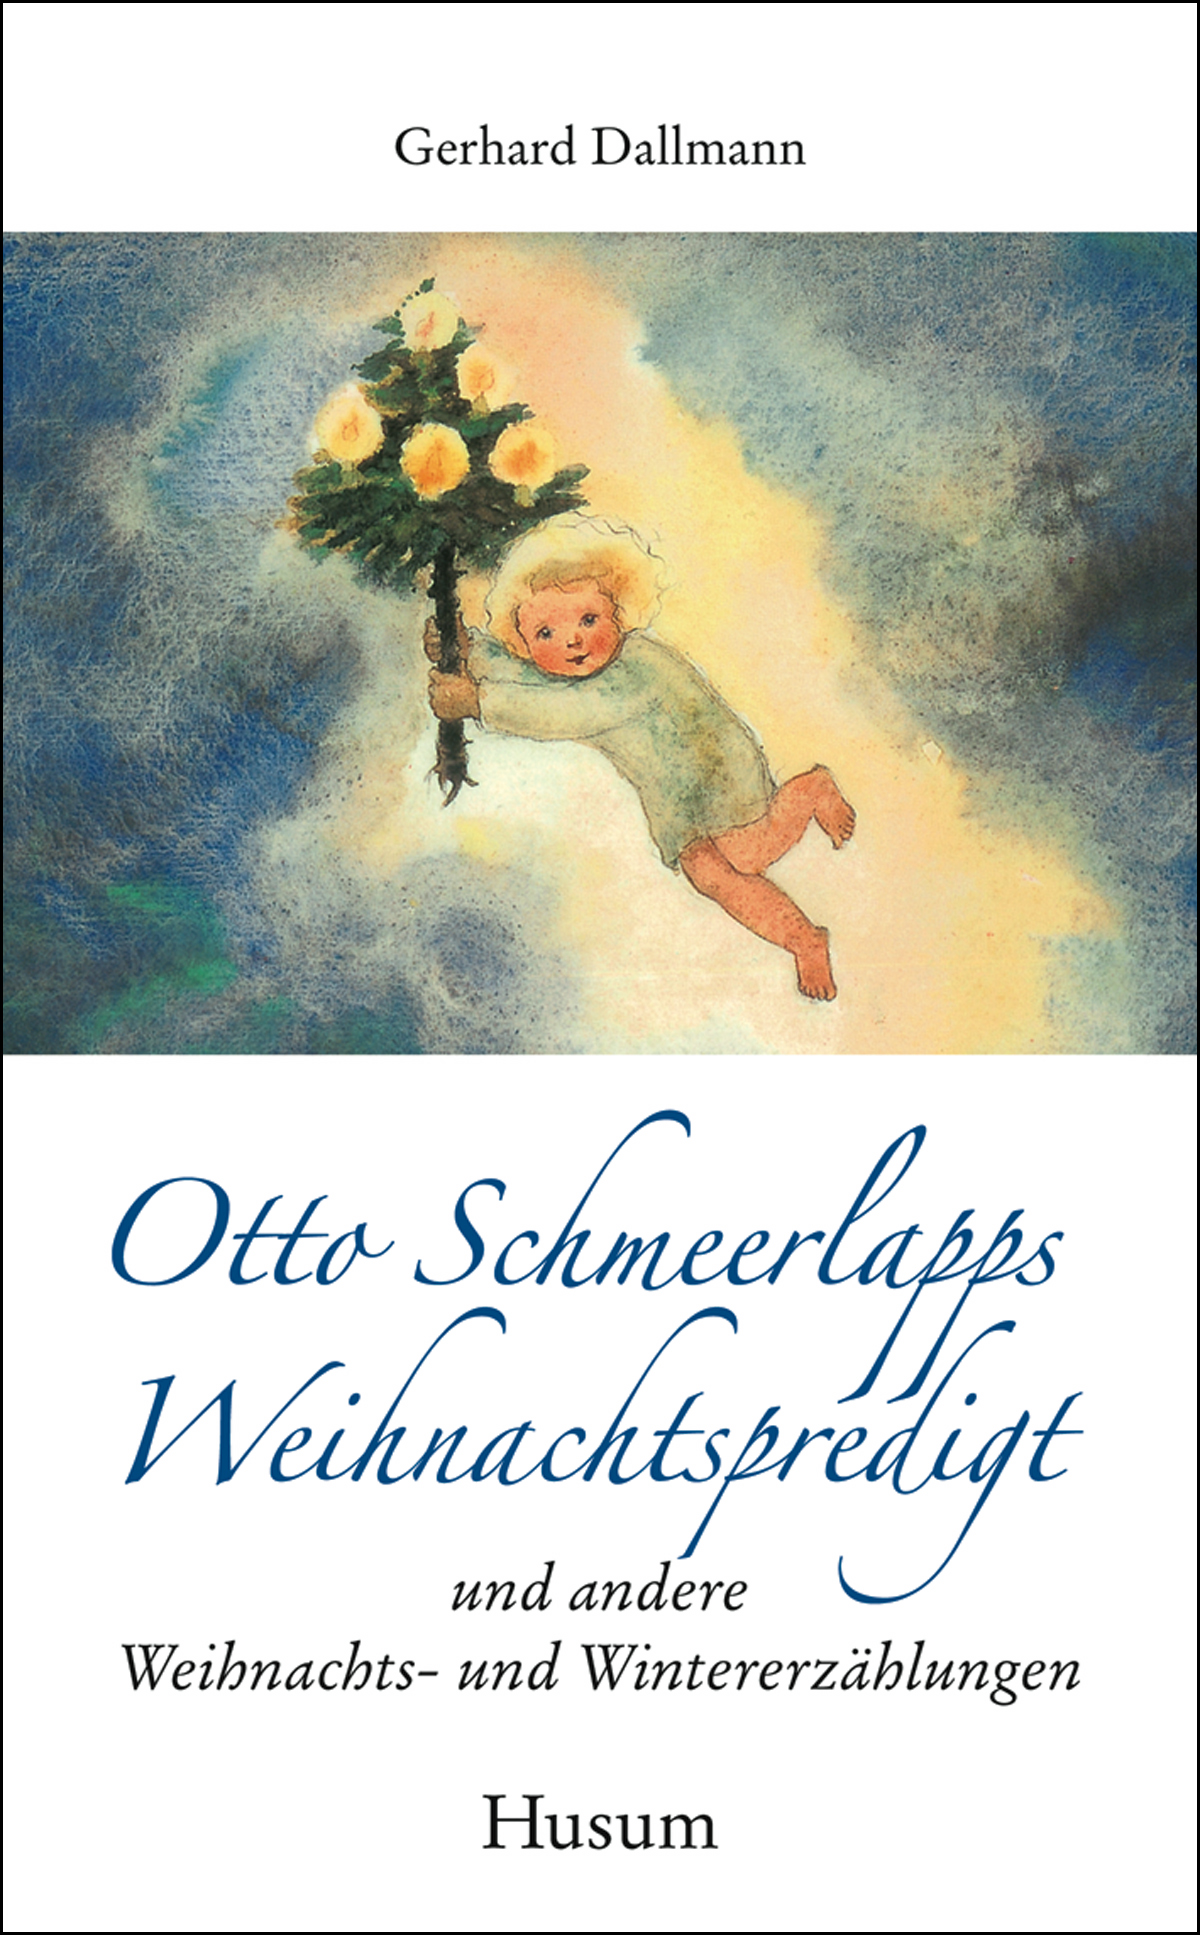 Weihnachts- und Wintererzählungen - Gerhard Dallmann